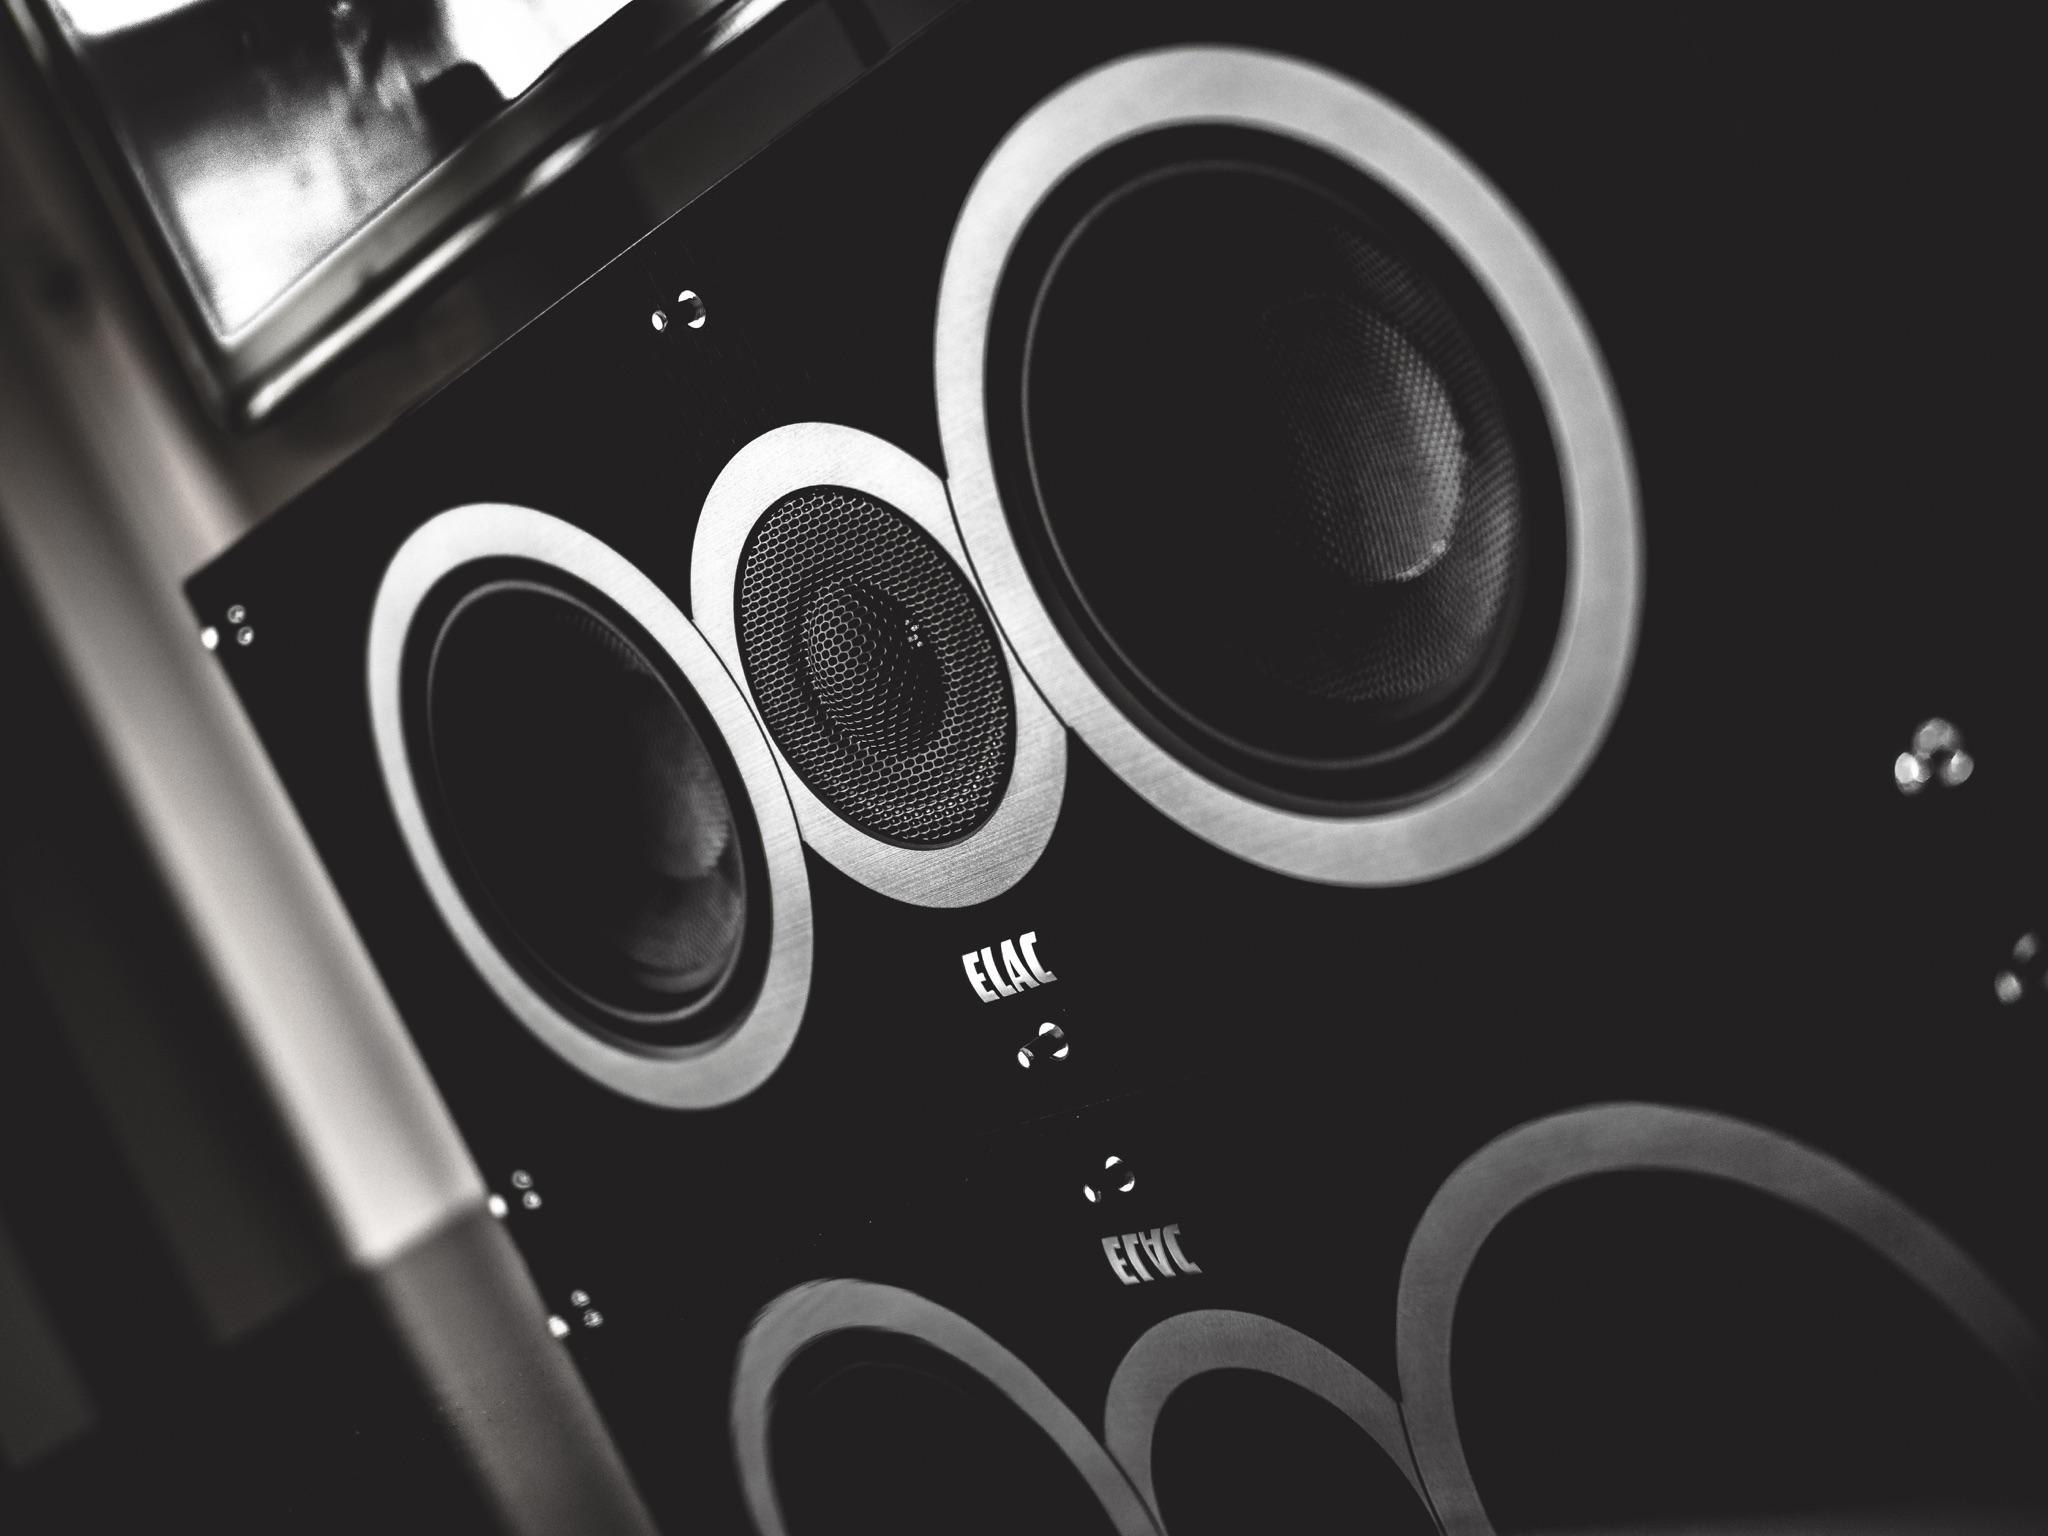 Home Cinema AV Surround Sound Elac Debut C5 Centre Speaker Andrew Jones